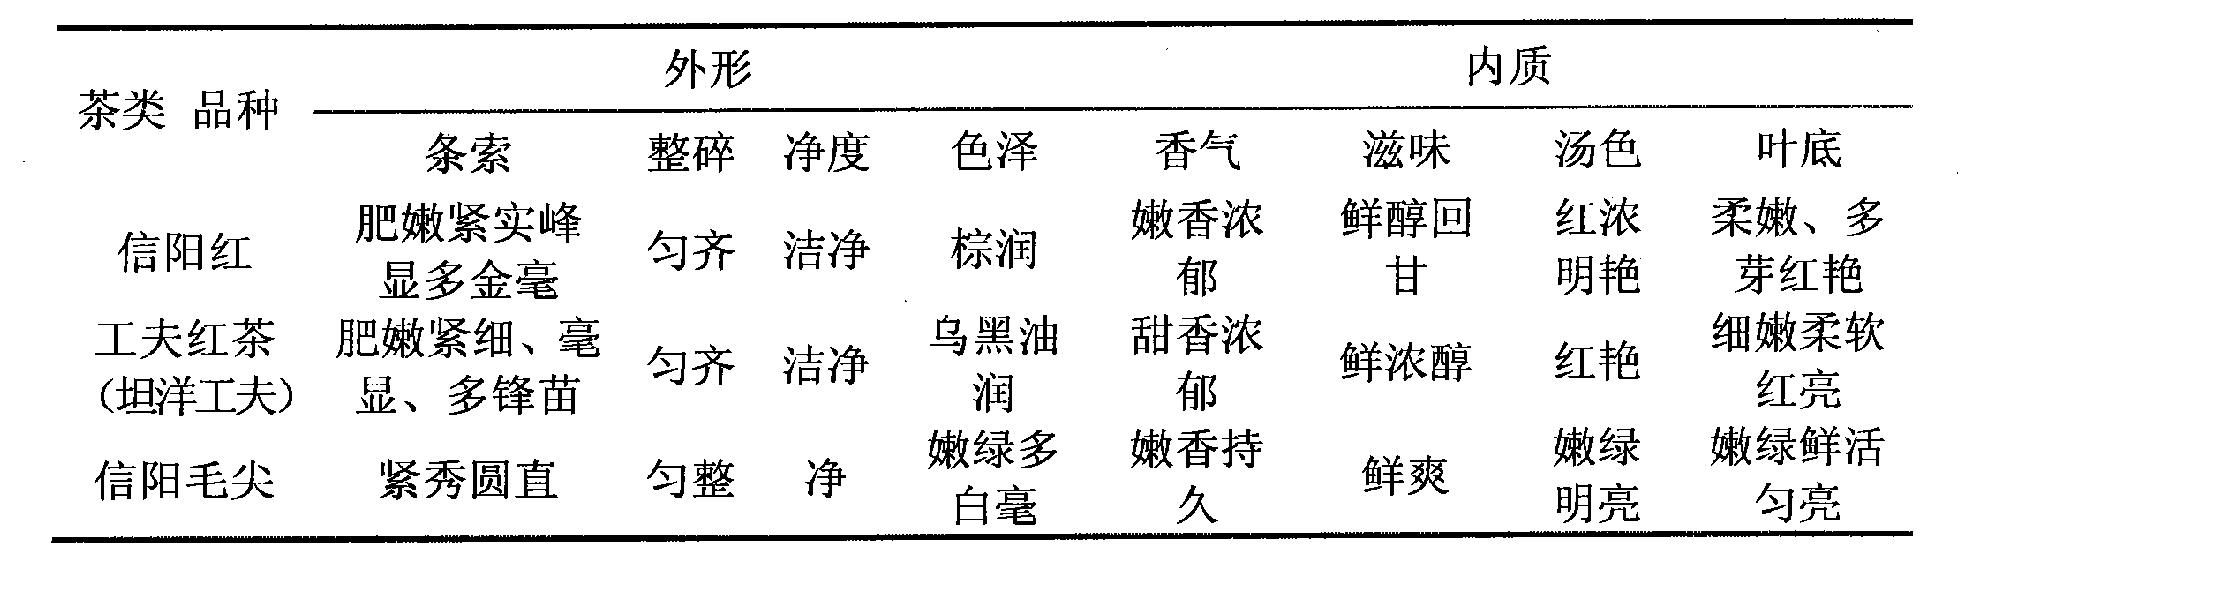 Figure CN102217683BD00122